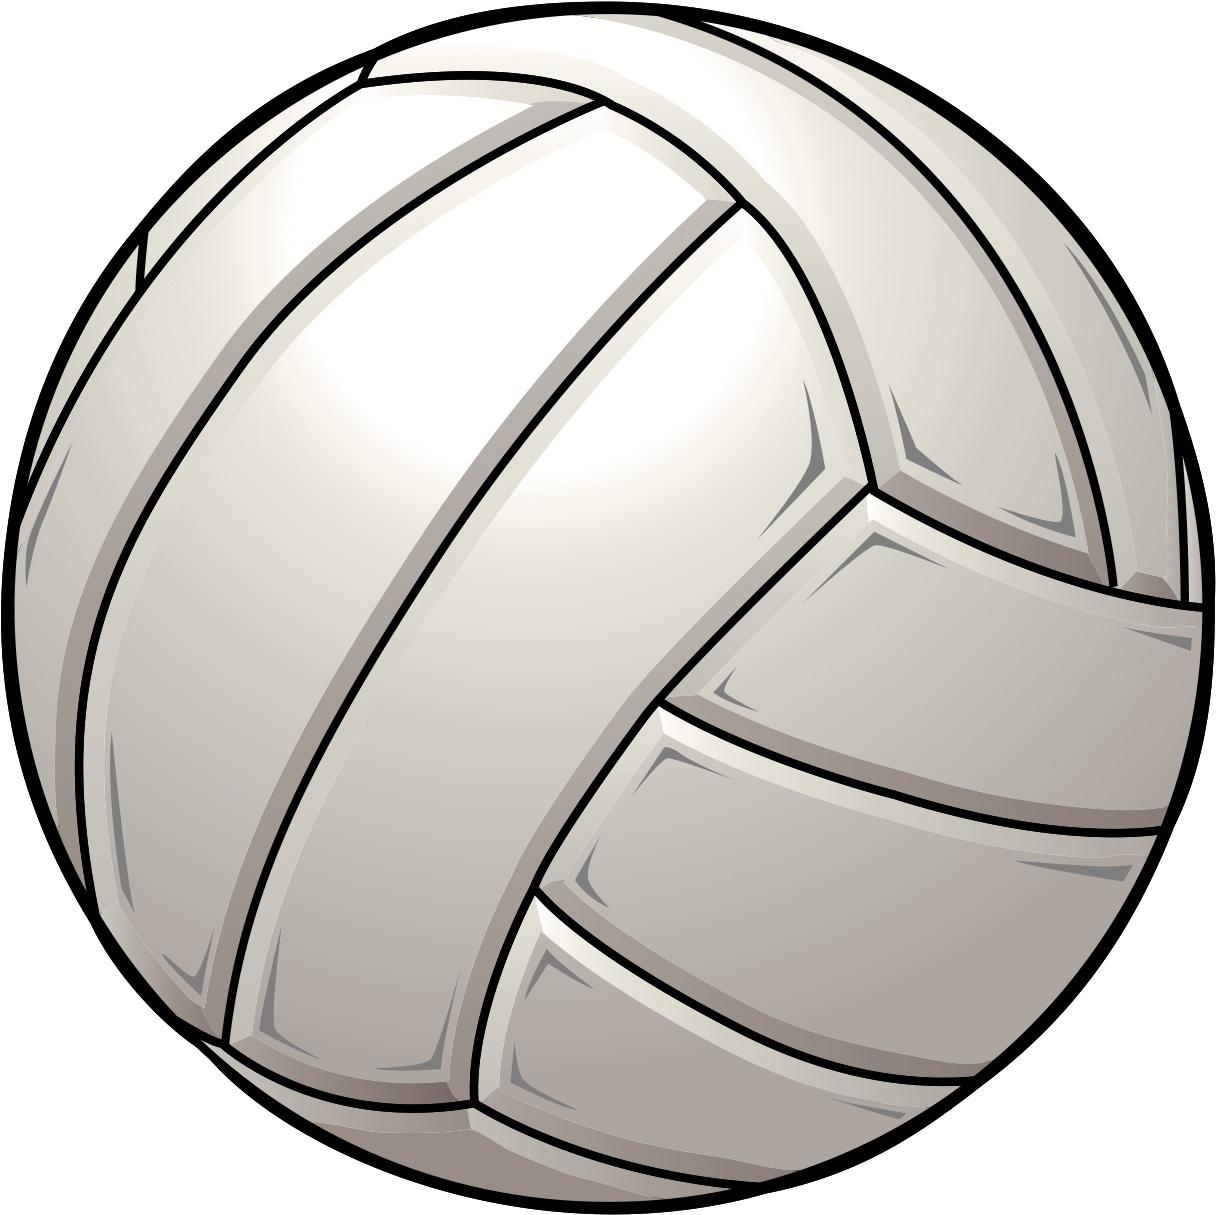 1217x1215 Volleyball Ball Clip Art